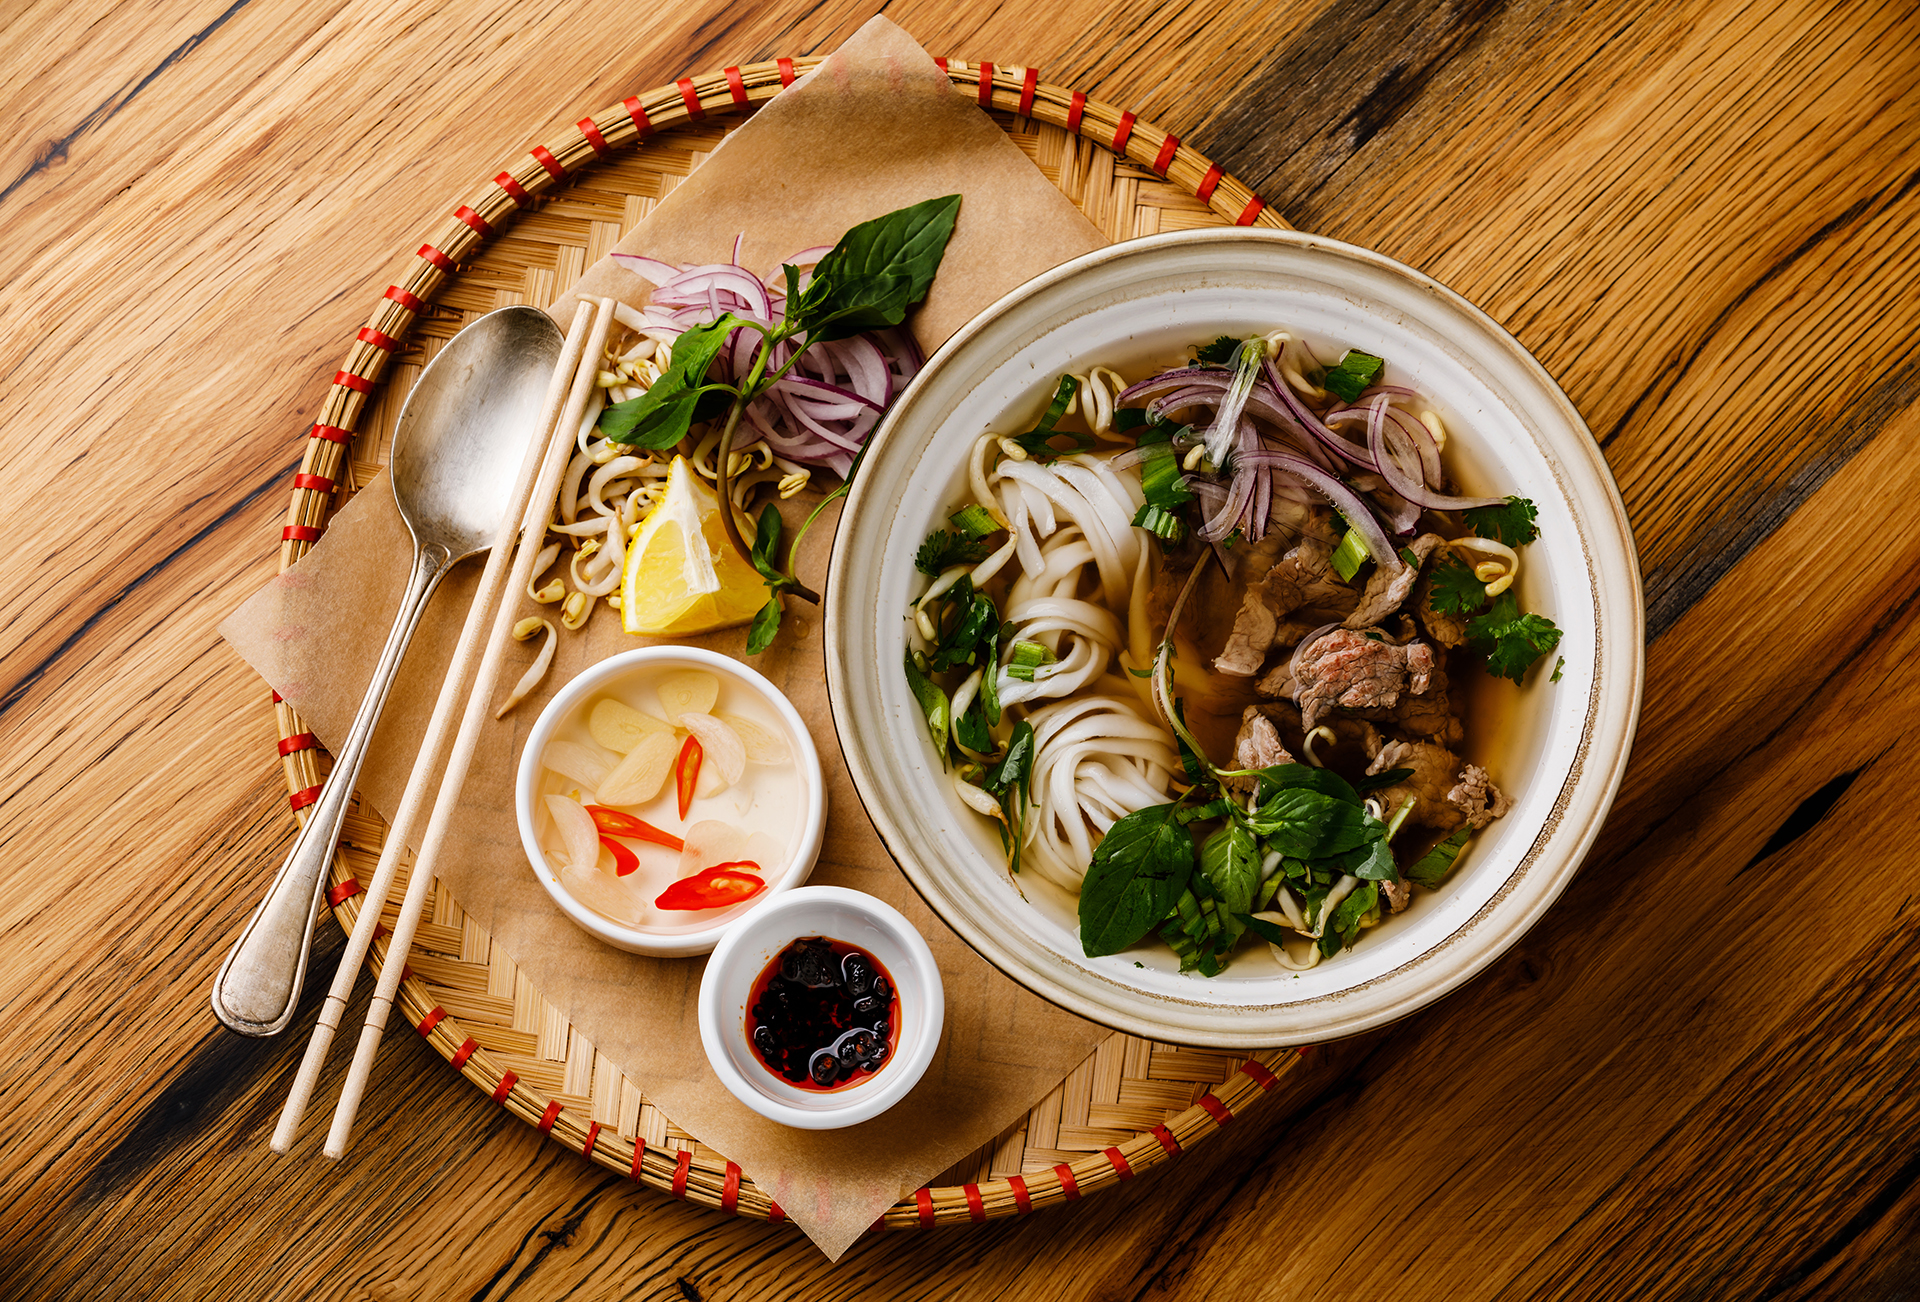 Pho vietnamita: una sopa con carne y fideos de arroz llena de aromas y sabores reconfortantes de oriente